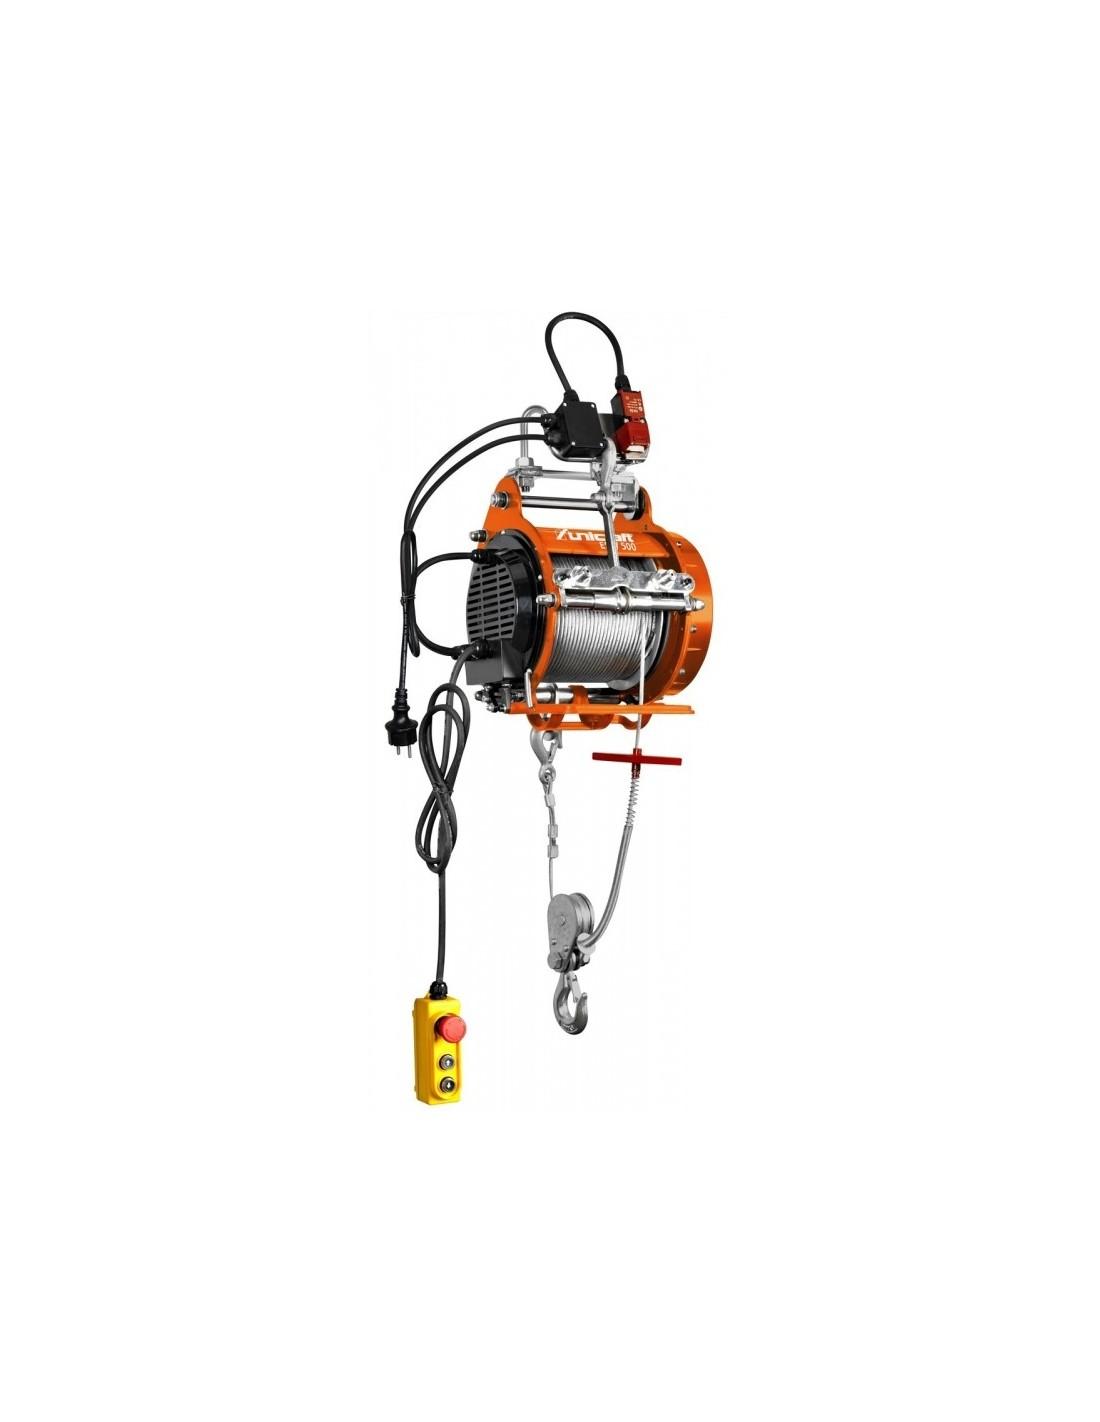 Troliu electric cu cablu Unicraft ESW 500